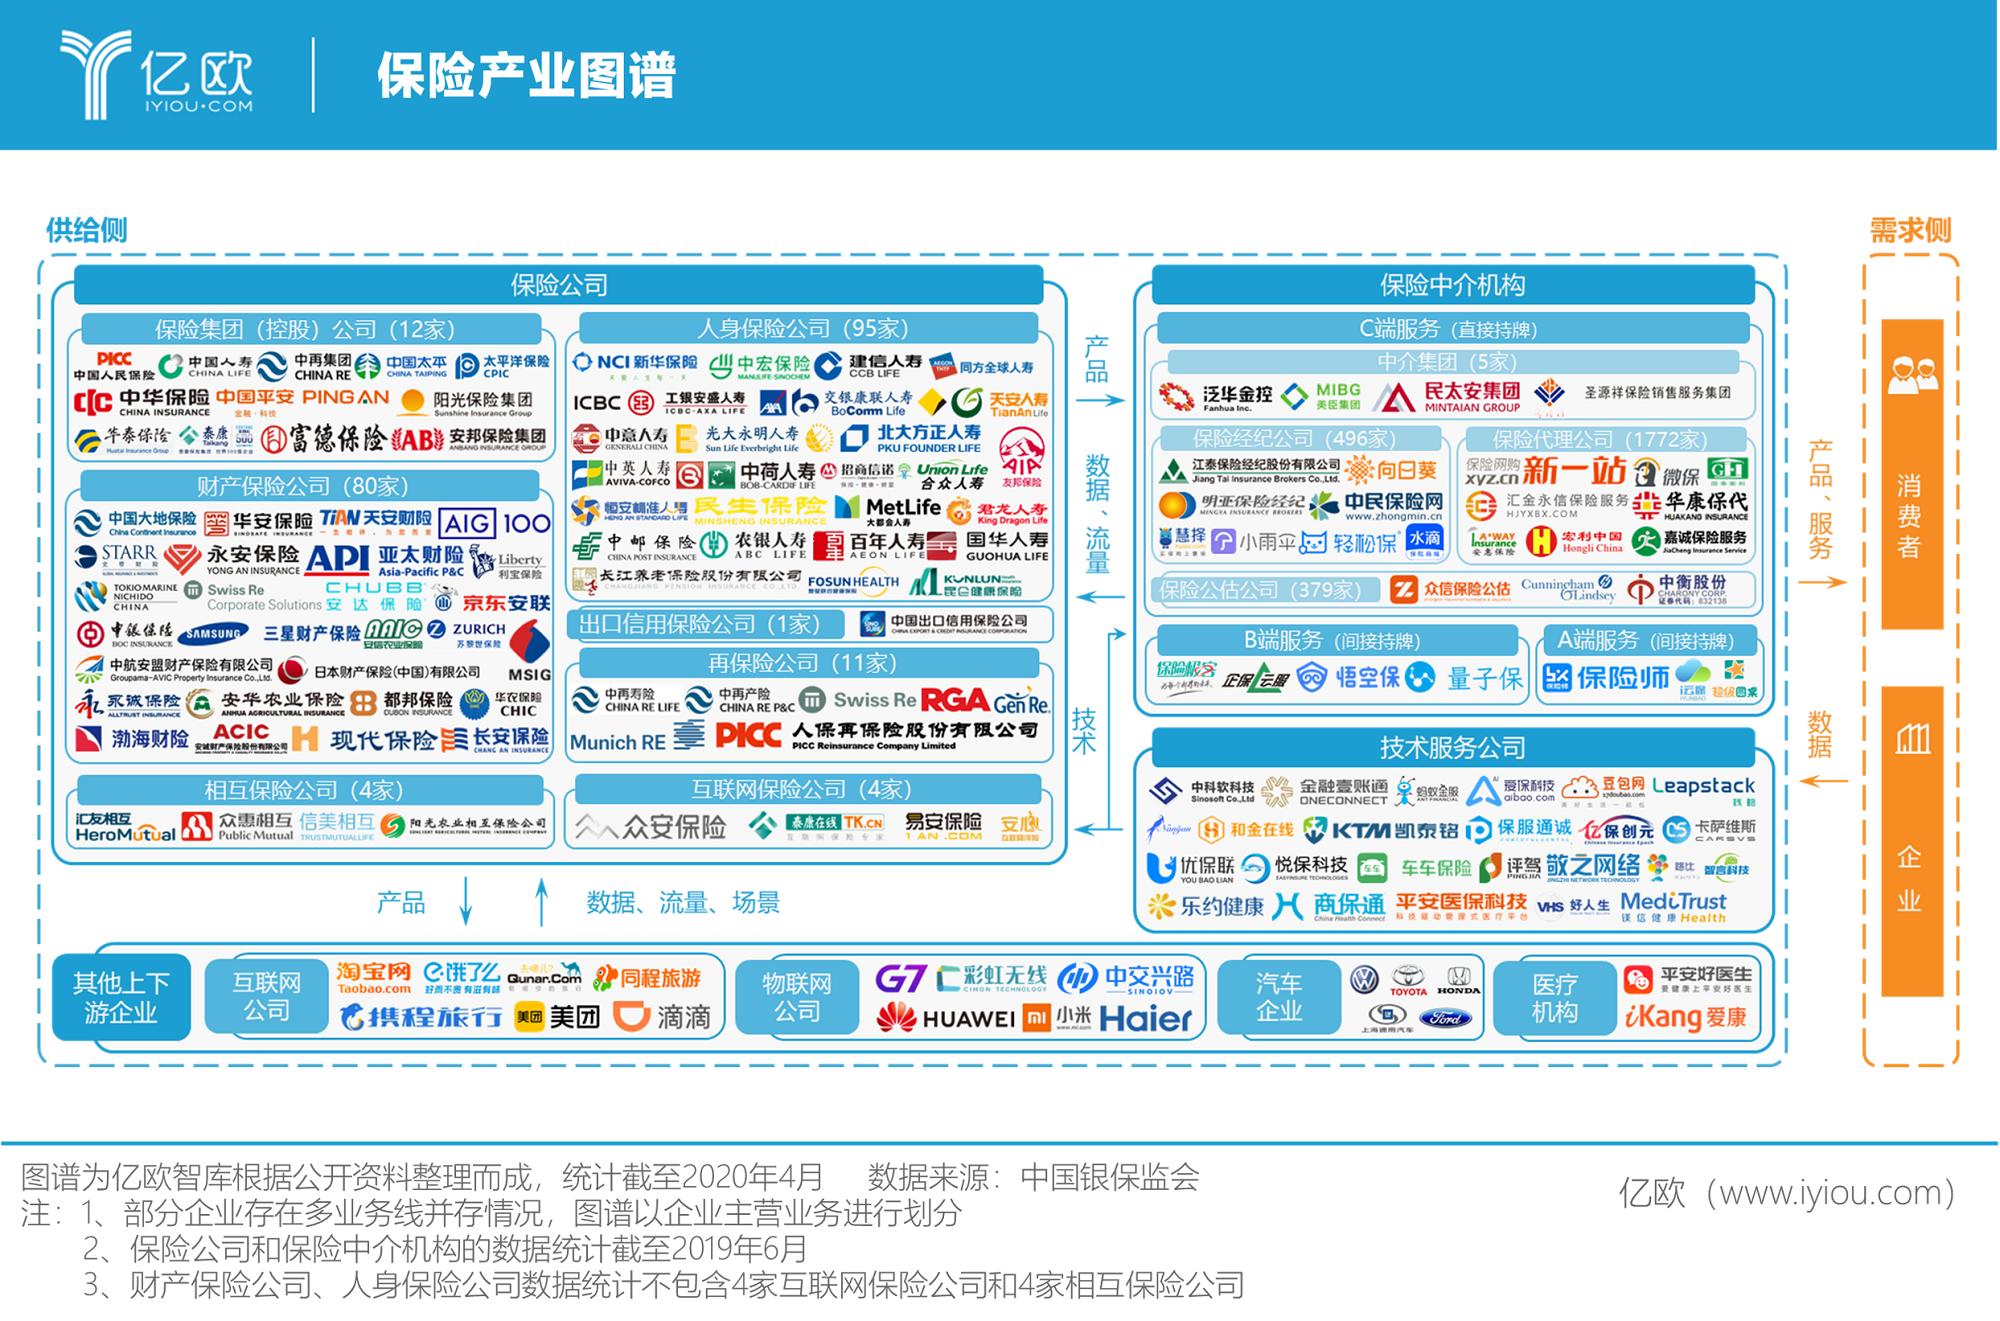 亿欧智库:保险产业图谱